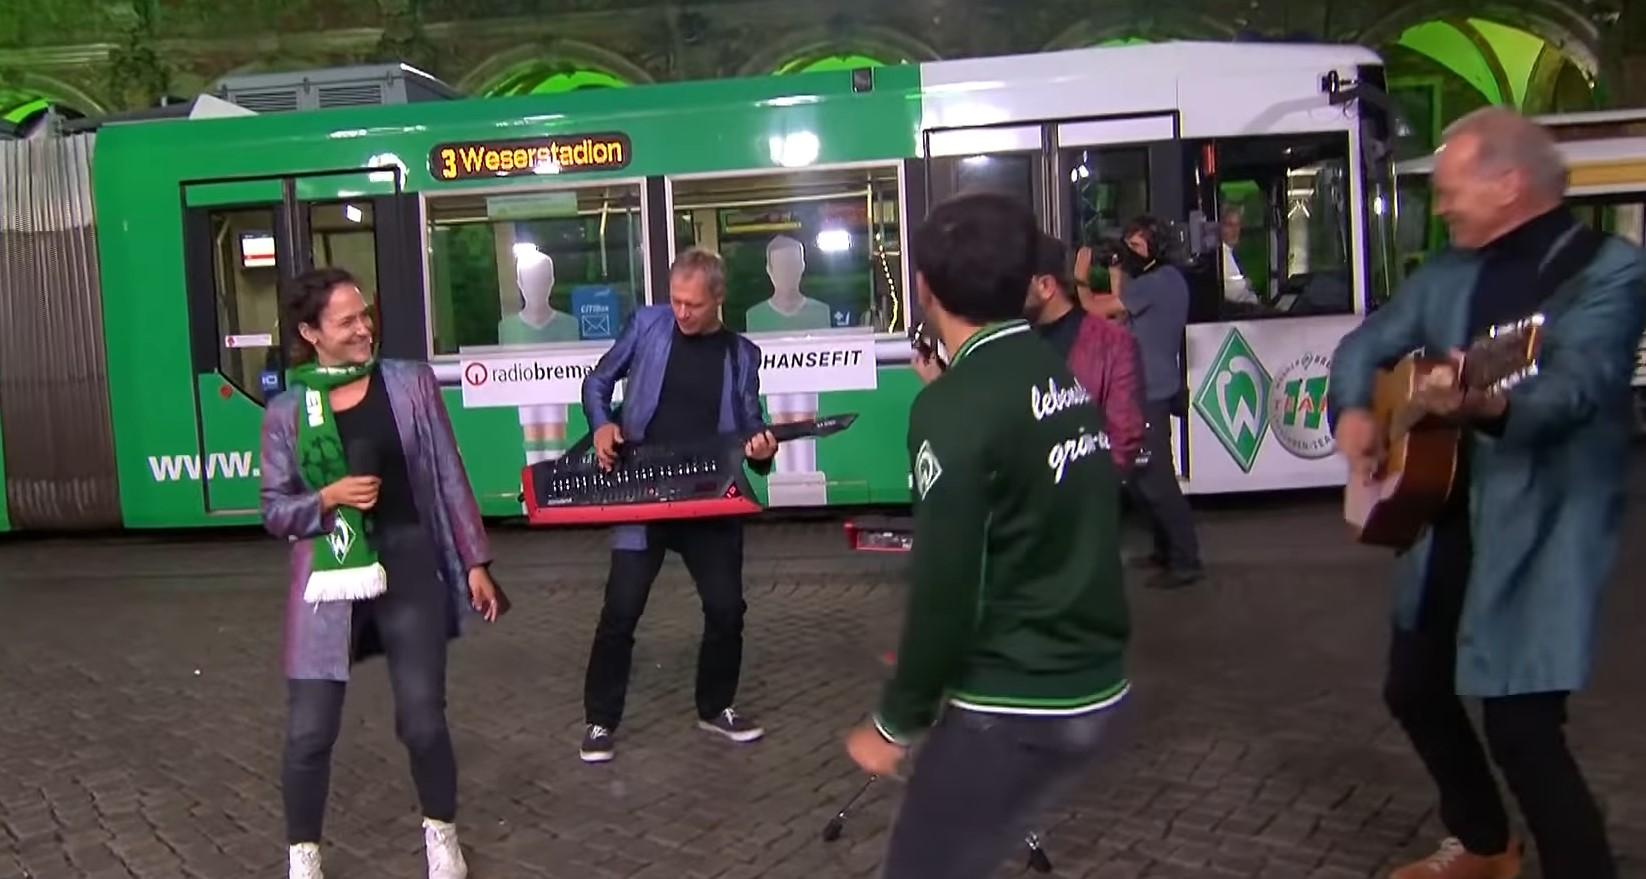 Zollhausboys auf dem Marktplatz, Florian Kohfeldt hört aus der Straßenbahn zu.